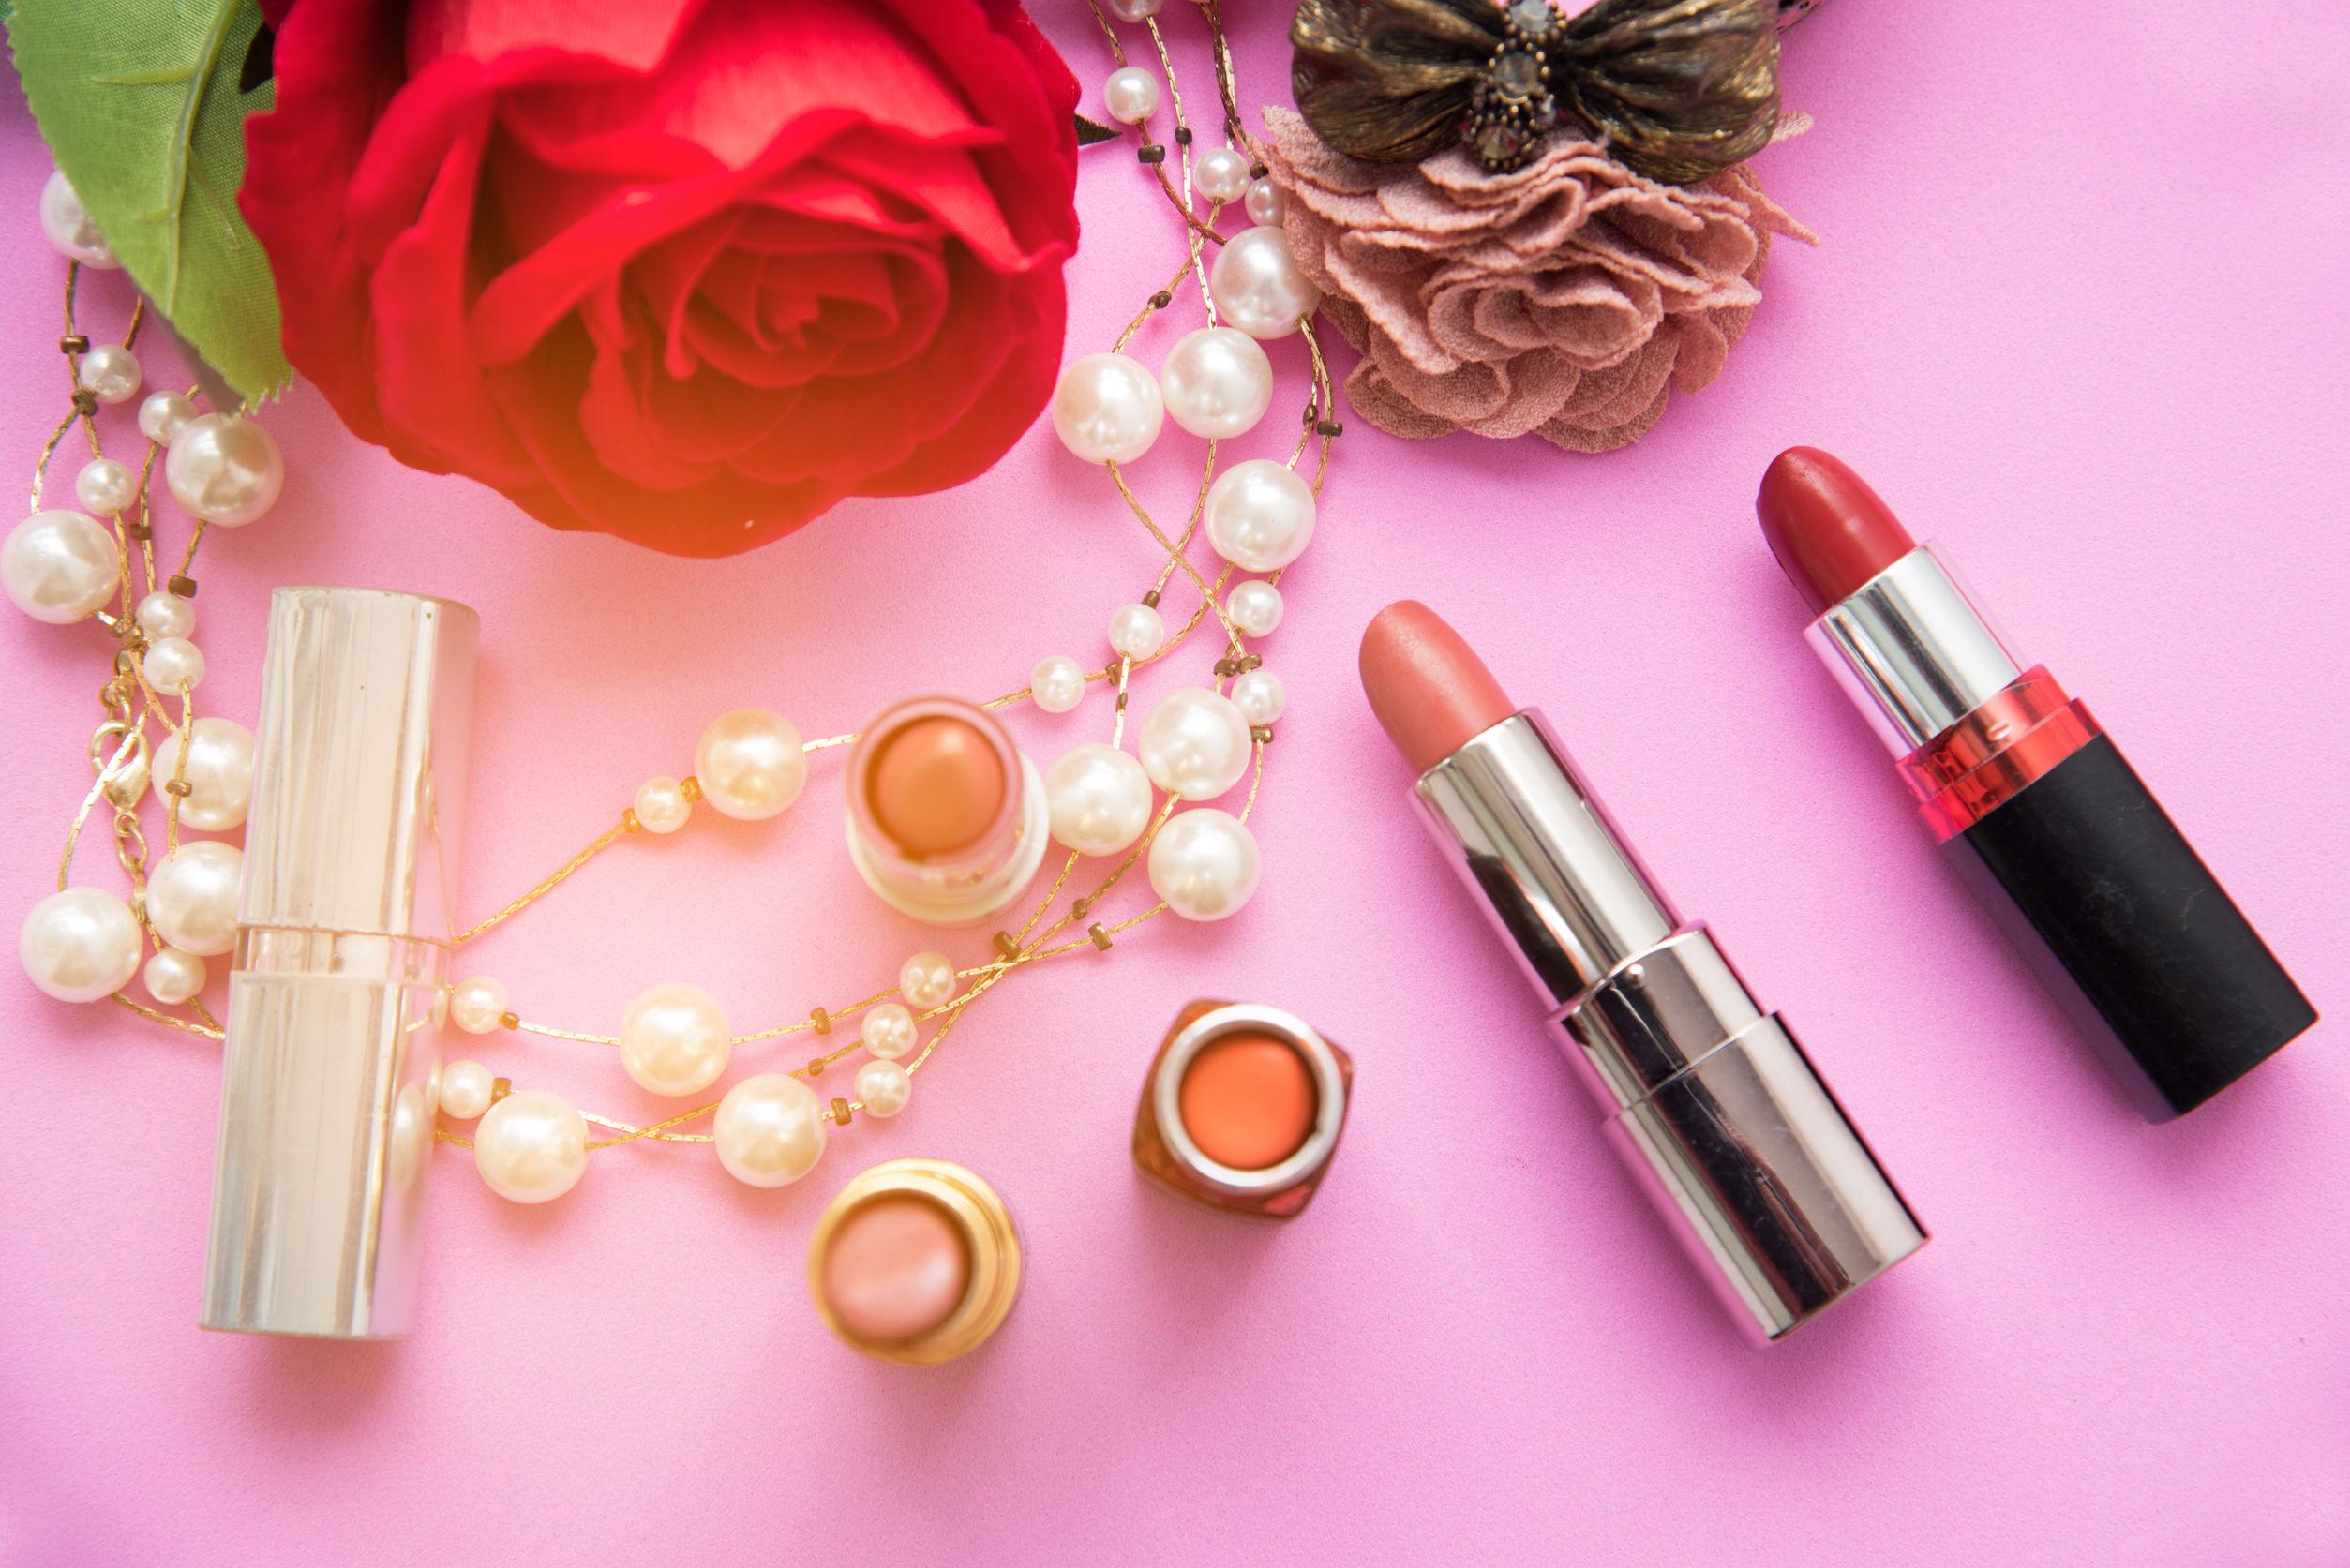 Composición decorativa plana con lápiz labial de colores, perlas y flores